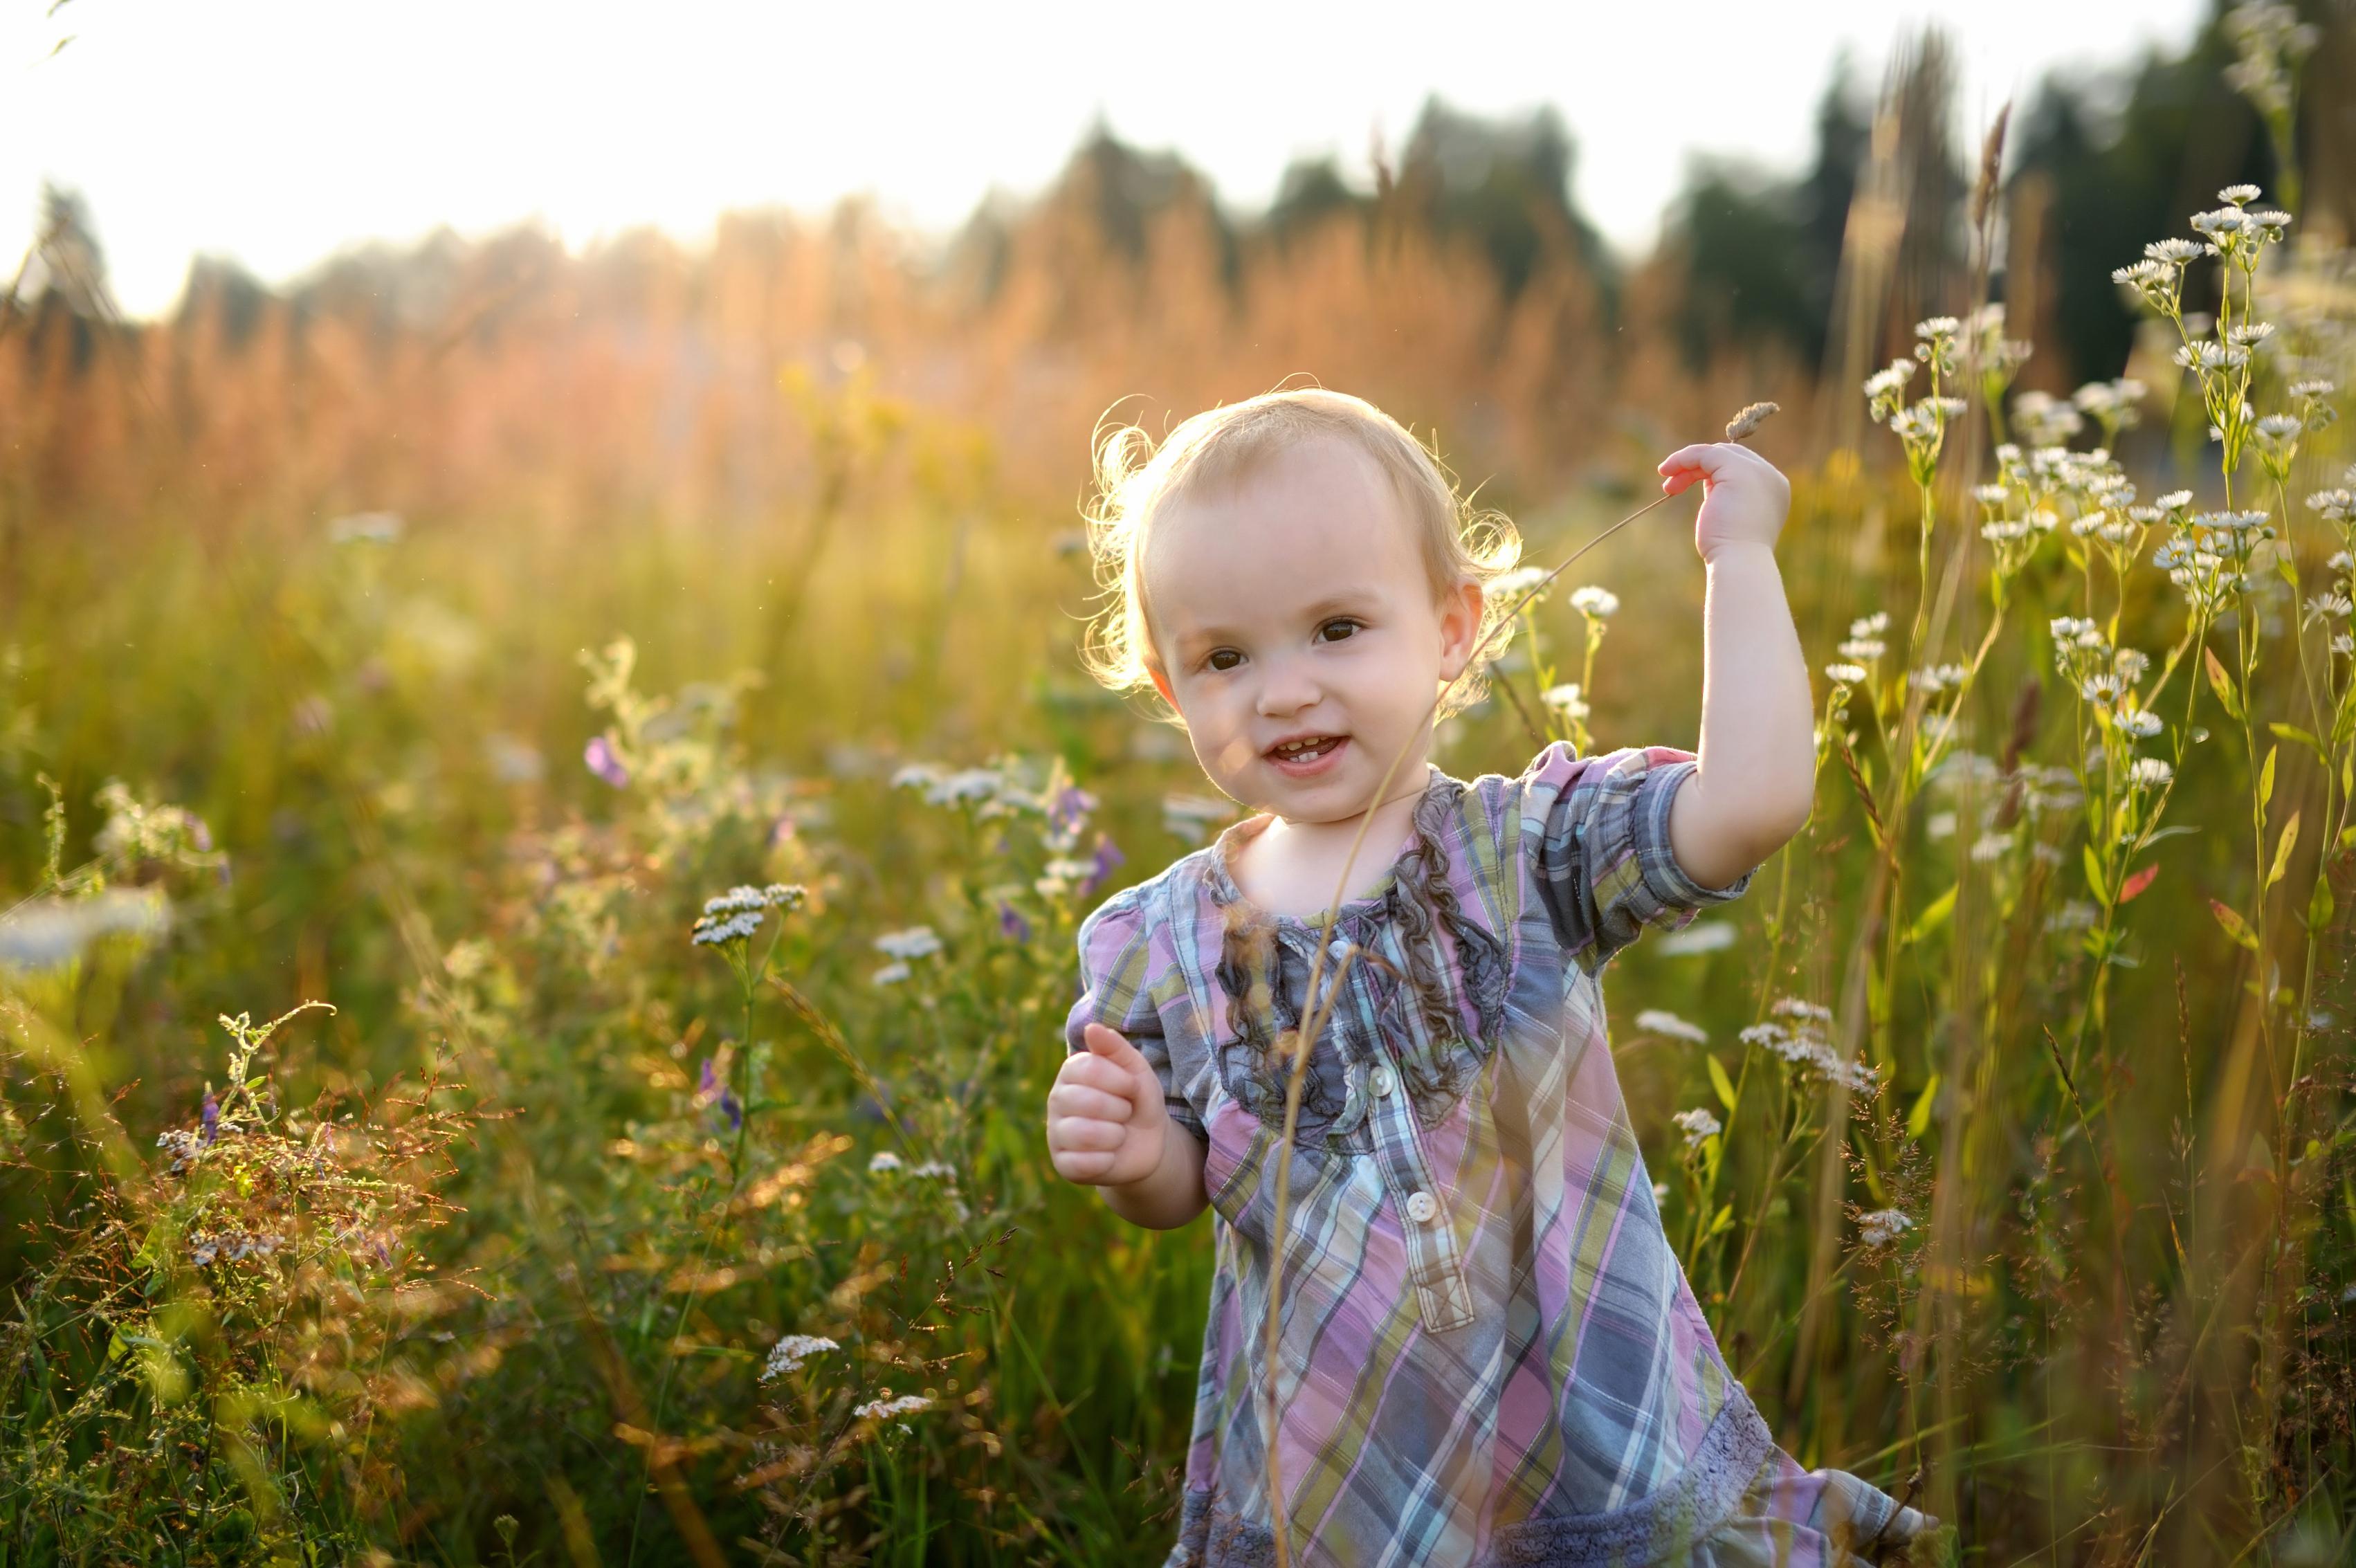 Smittskyddsinstitutet rekommenderar TBE-vaccination från ett års ålder.